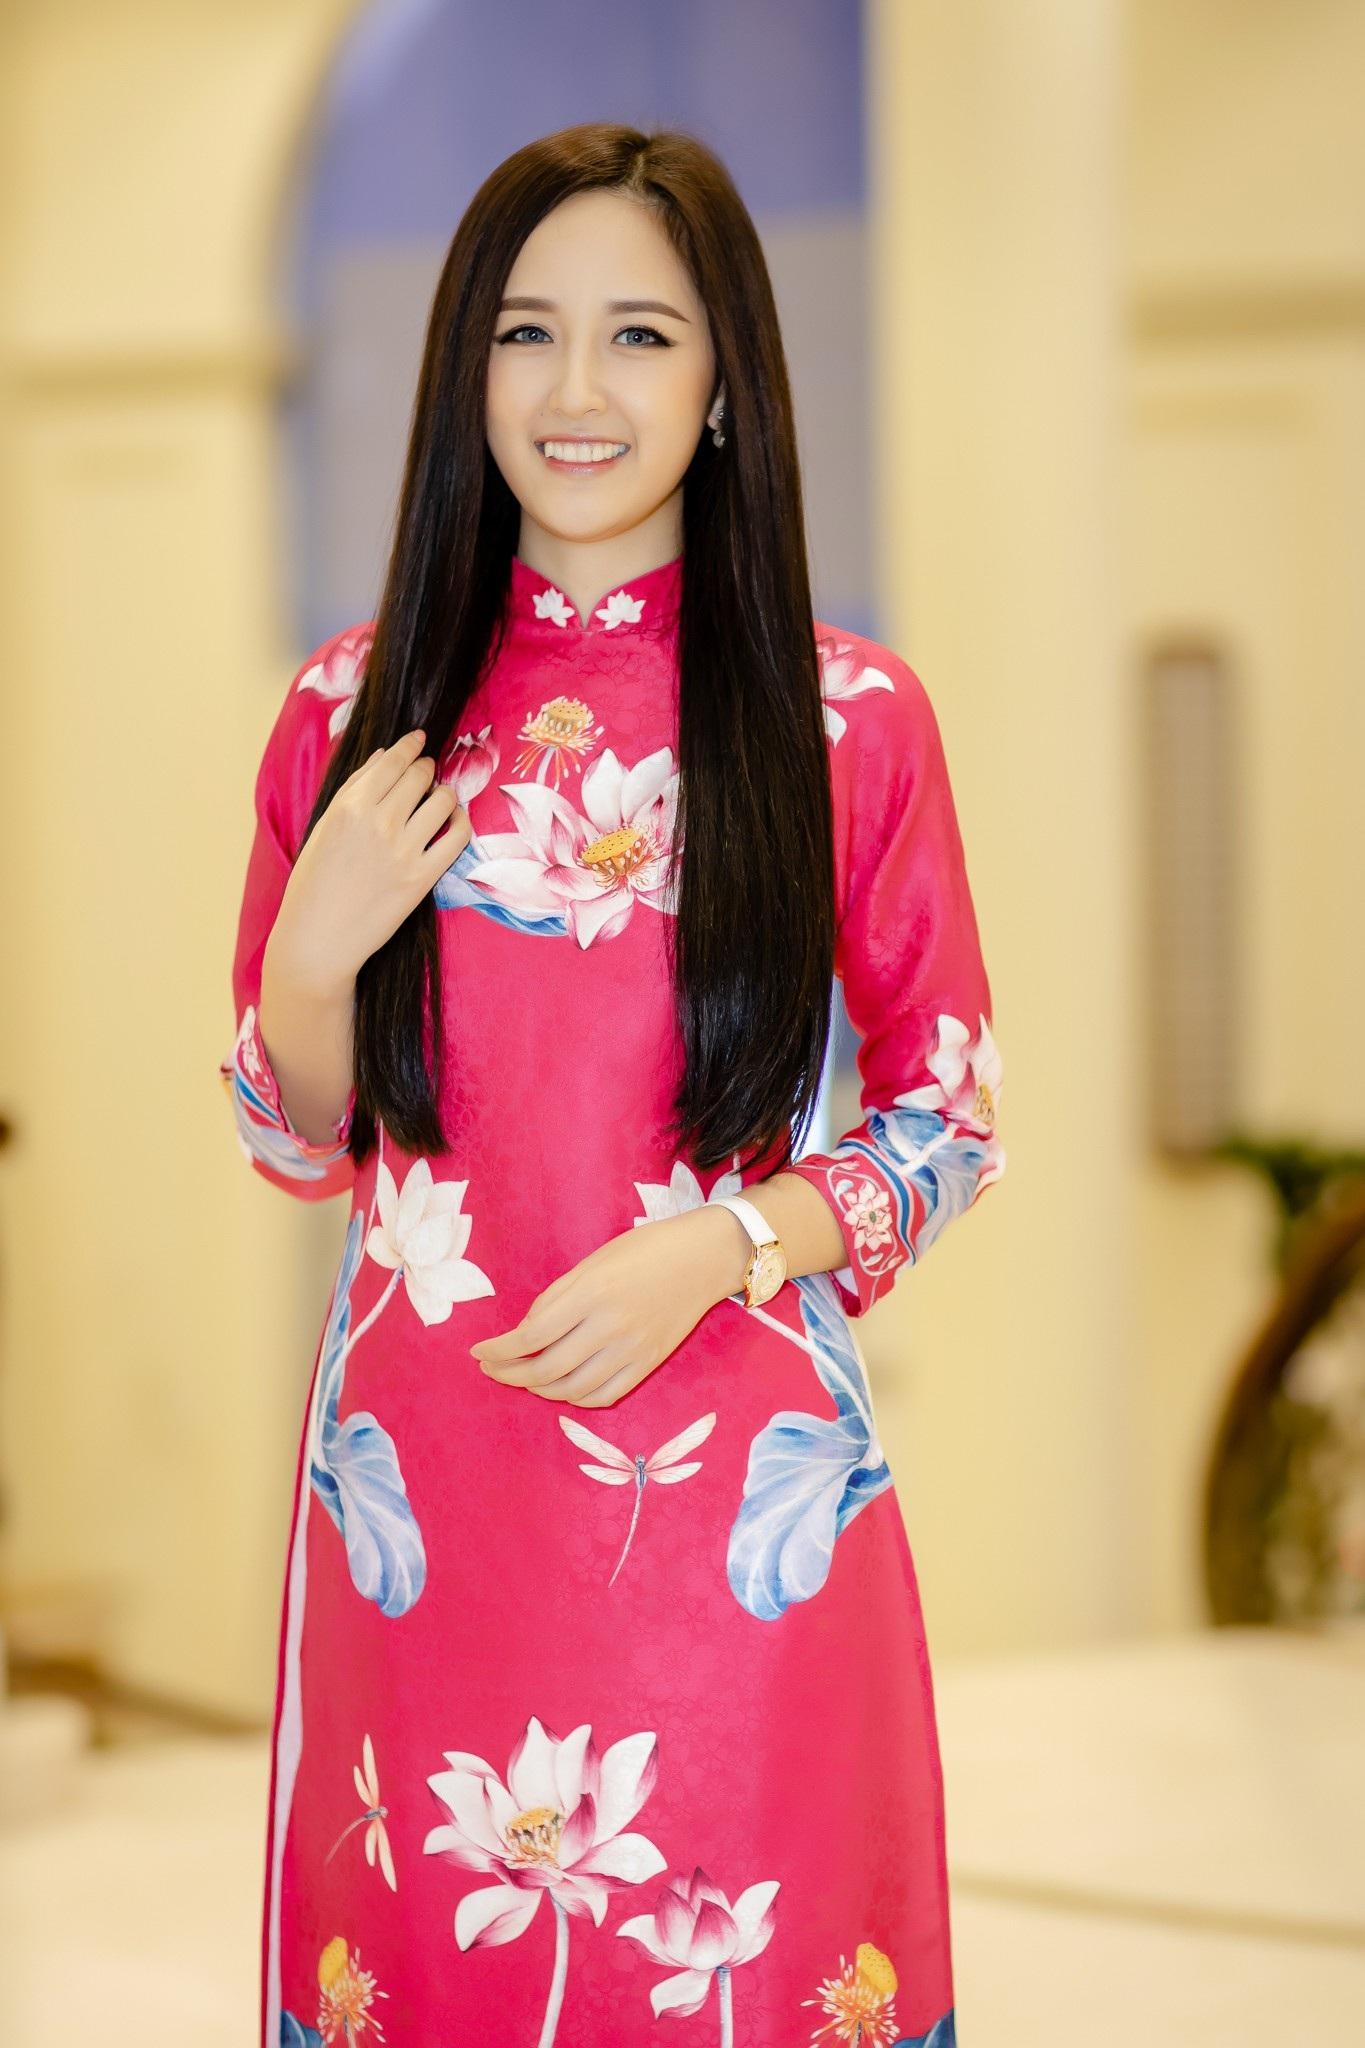 Cuộc sống sung túc, hot girl Tâm Tít sang chảnh không kém Hoa hậu Mai Phương Thuý - Ảnh 2.